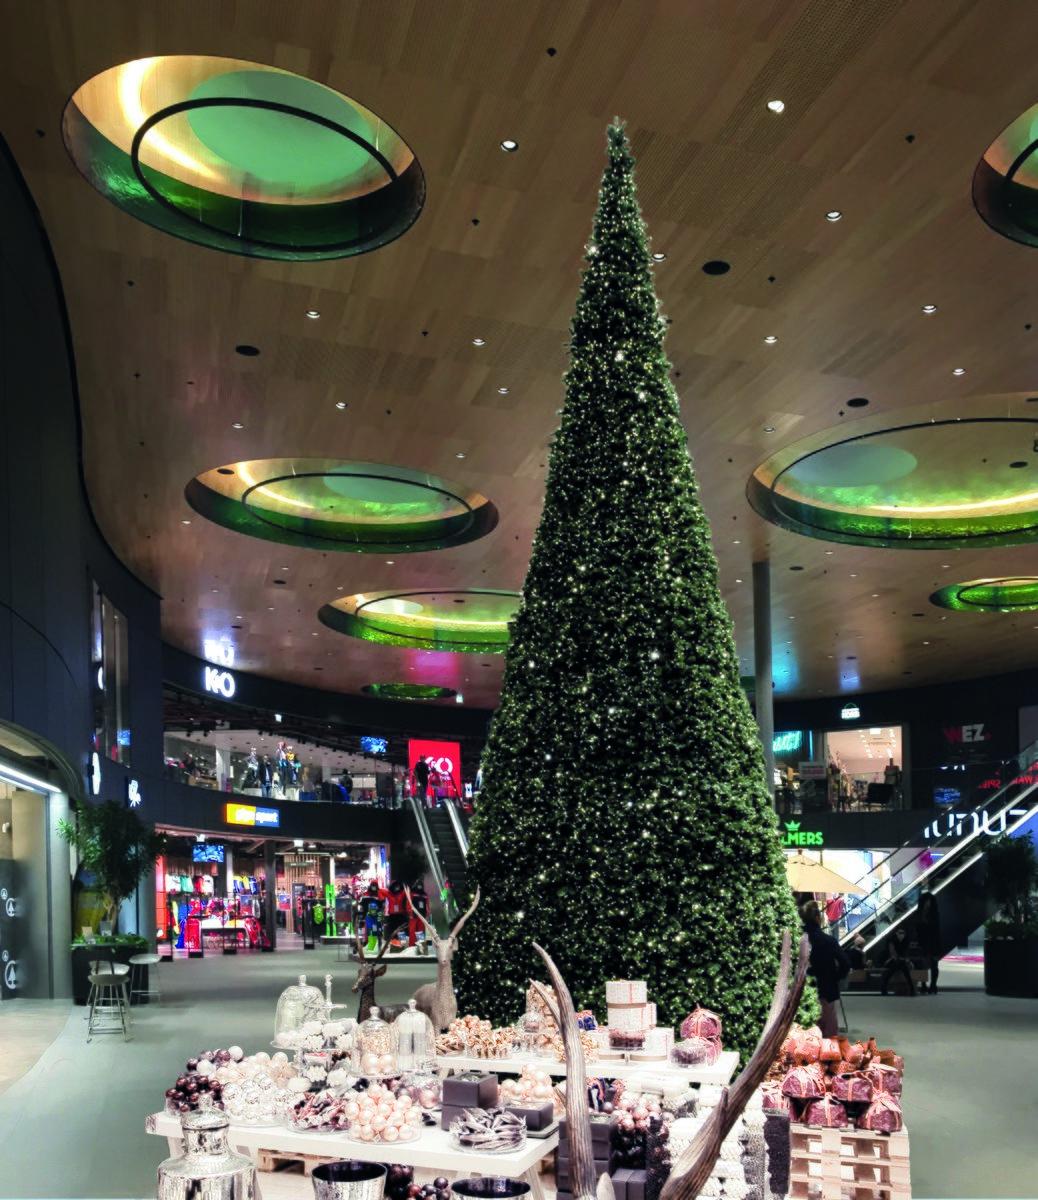 Ab Wann Weihnachtsbeleuchtung.Wez Bärnbach Lichtermeer Am 23 November Im Wez Voitsberg